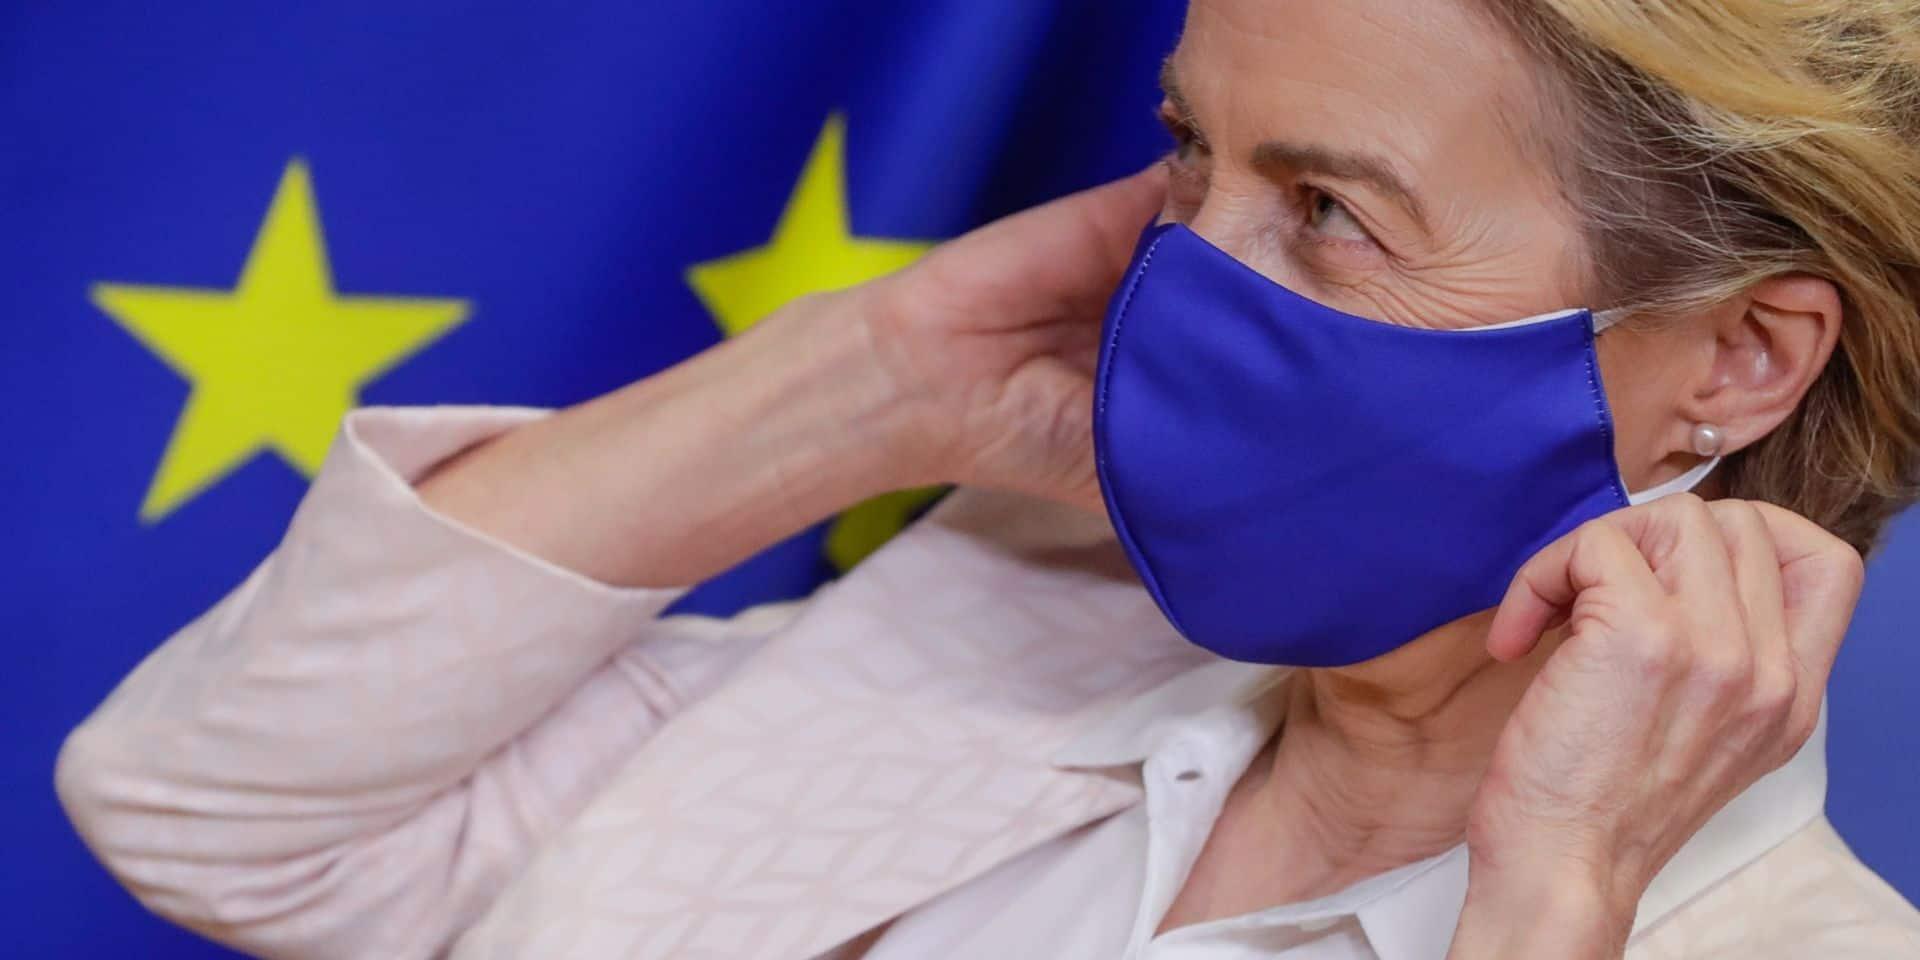 La Commission propose des objectifs de vaccination chiffrés aux Etats membres